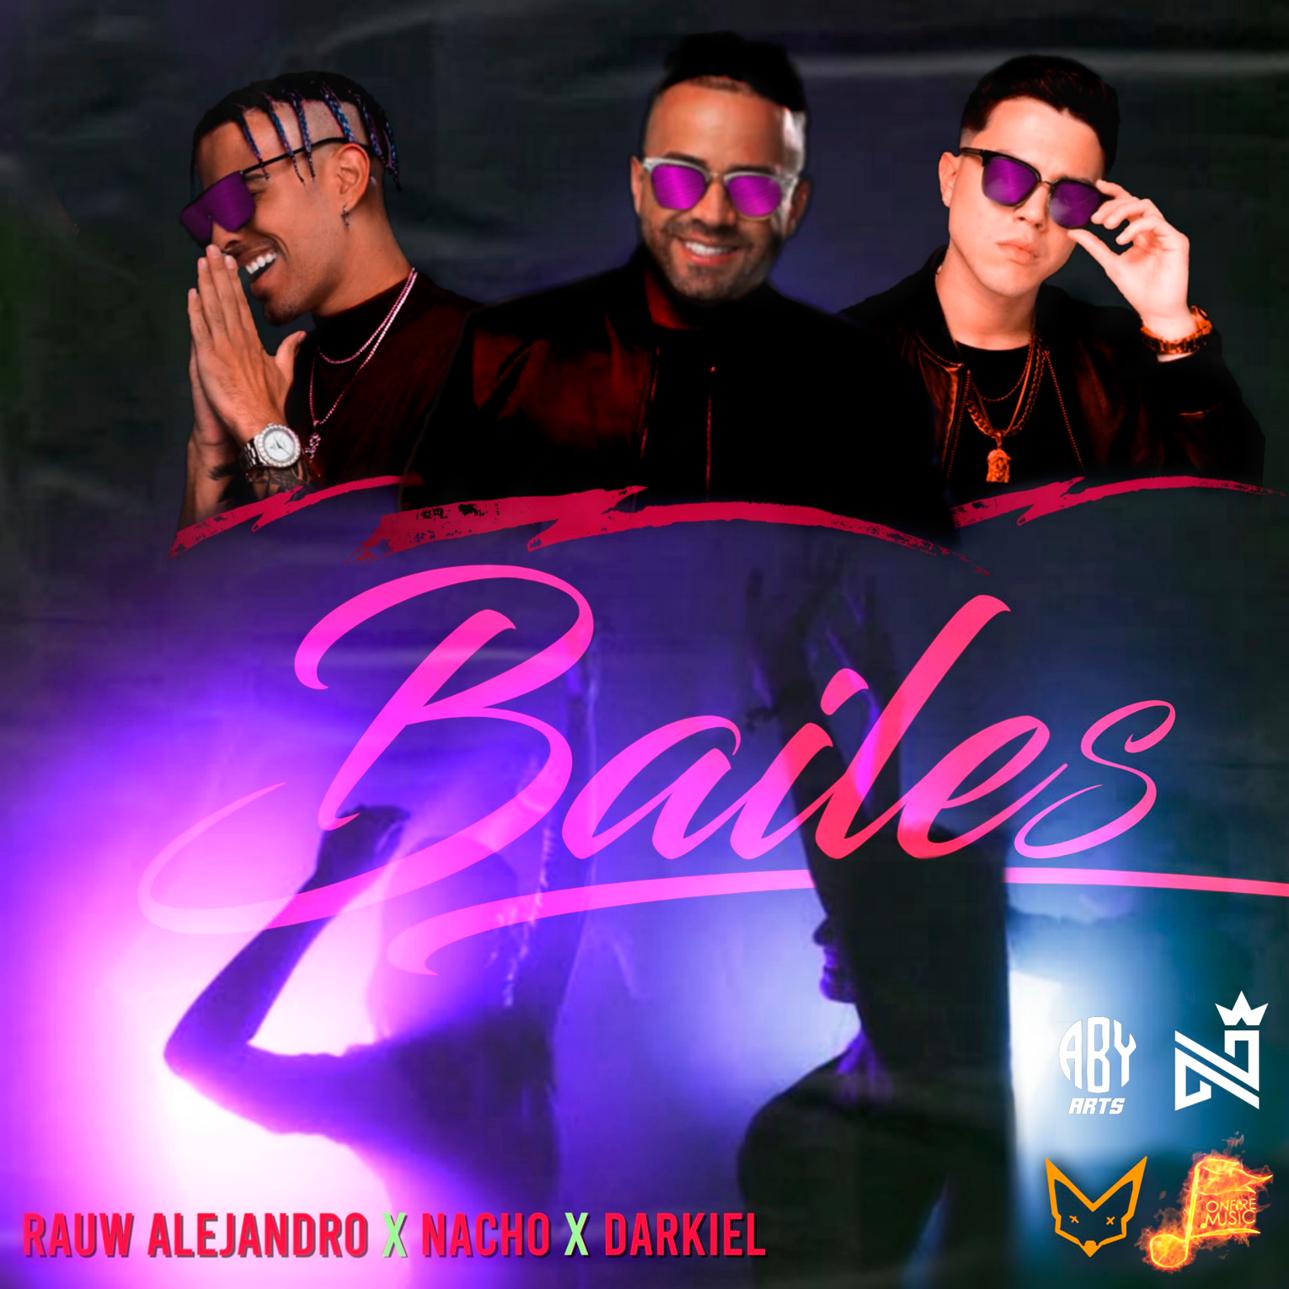 Rauw Alejandro Ft. Nacho Y Darkiel Bailes - Rauw Alejandro Ft. Nacho Y Darkiel - Bailes